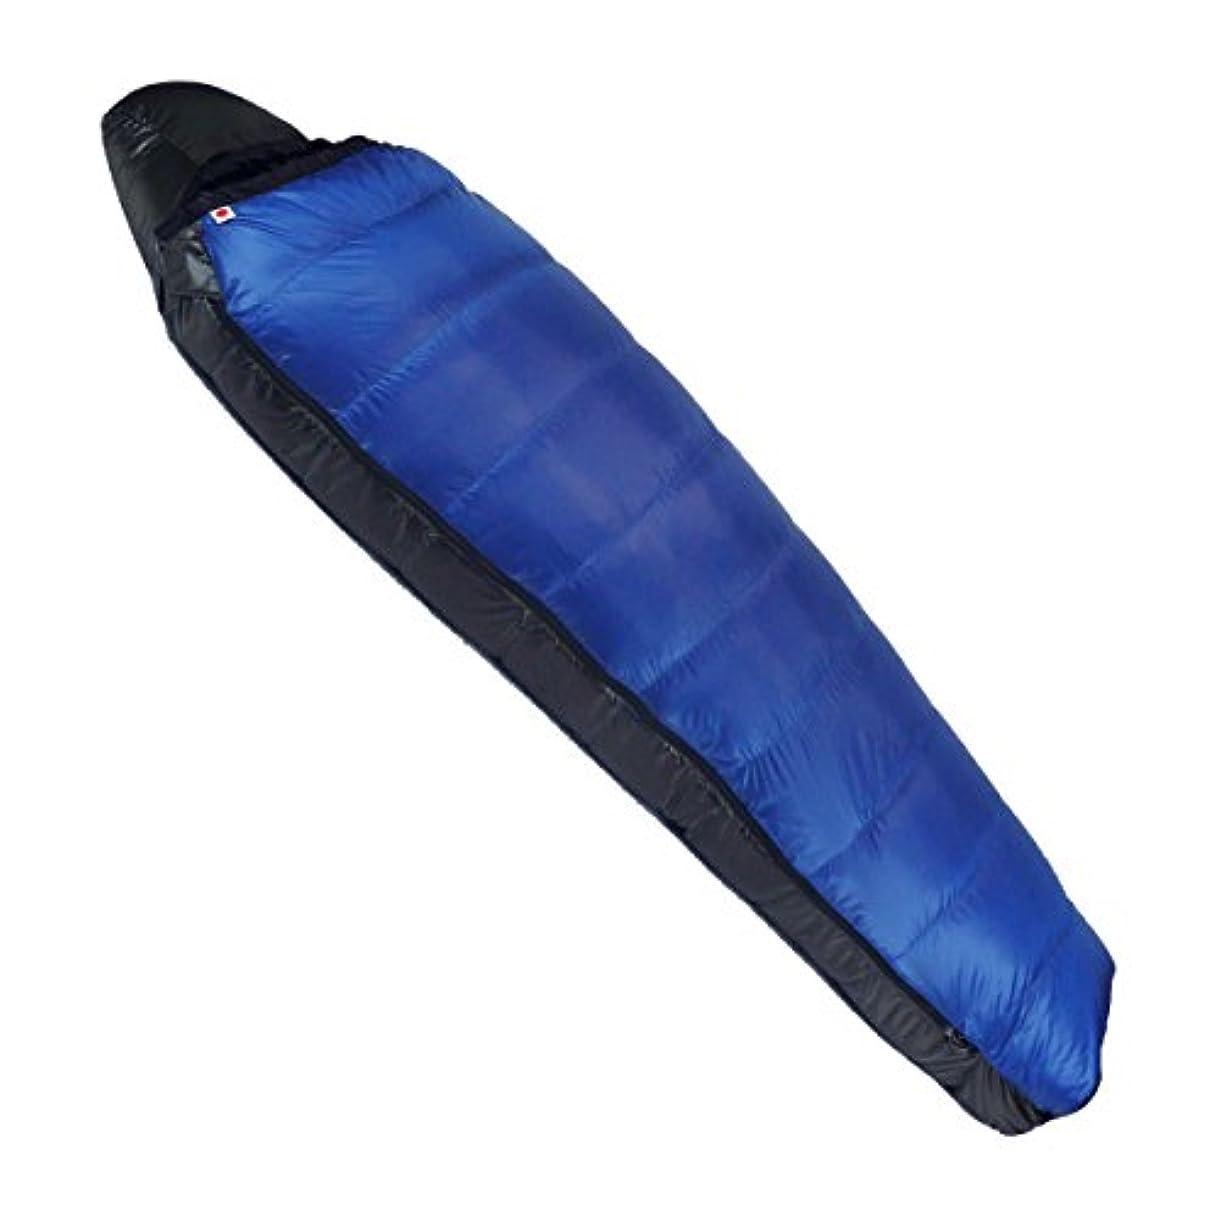 コンピューターゲームをプレイする行方不明冷えるNANGA(ナンガ) 寝袋 アウトレット訳ありダウンシュラフ450STD 最低使用温度-8度 ブルー 右ジッパー